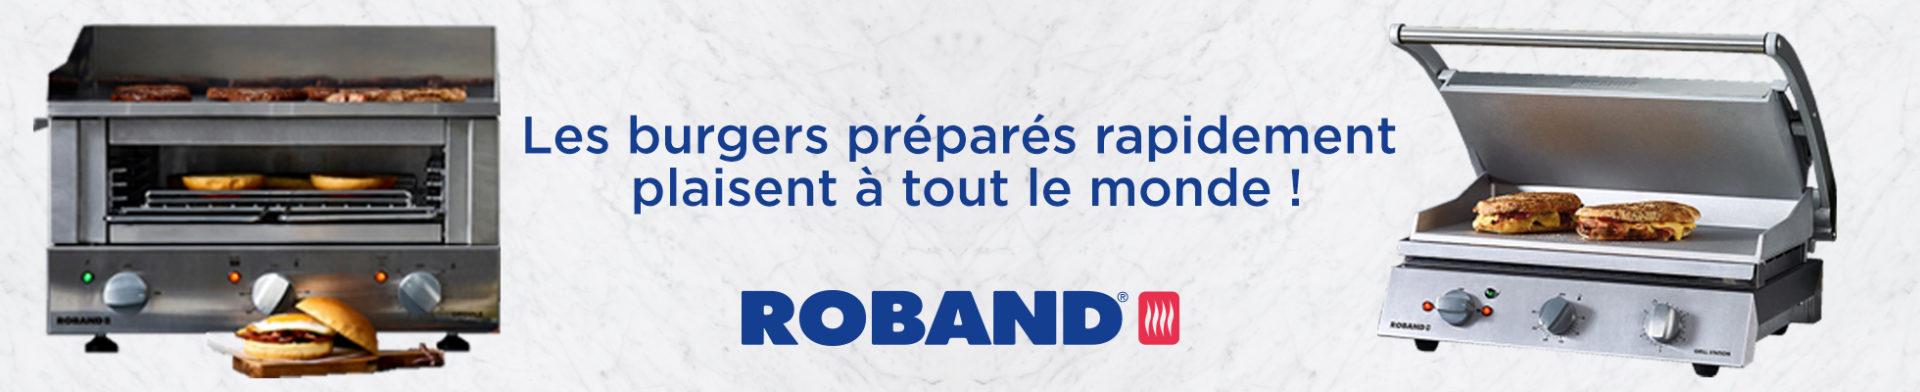 Roband_2020_FR